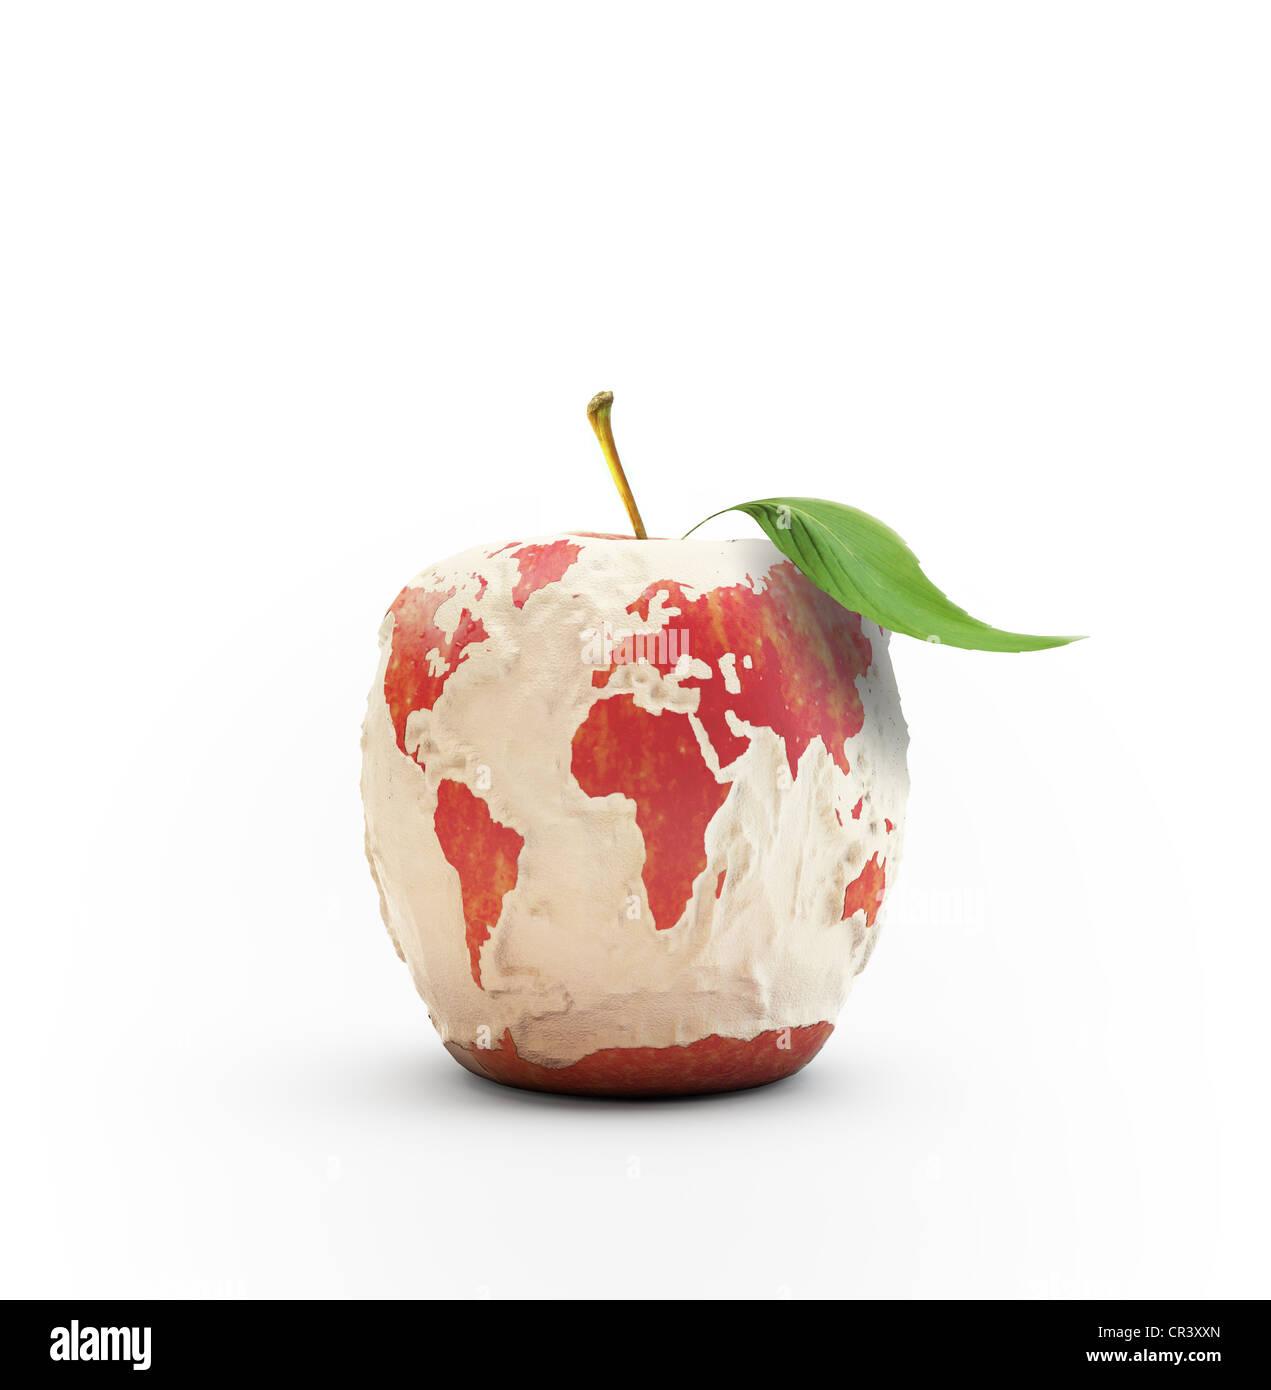 Manzana pelada formando el mapa del mundo Imagen De Stock